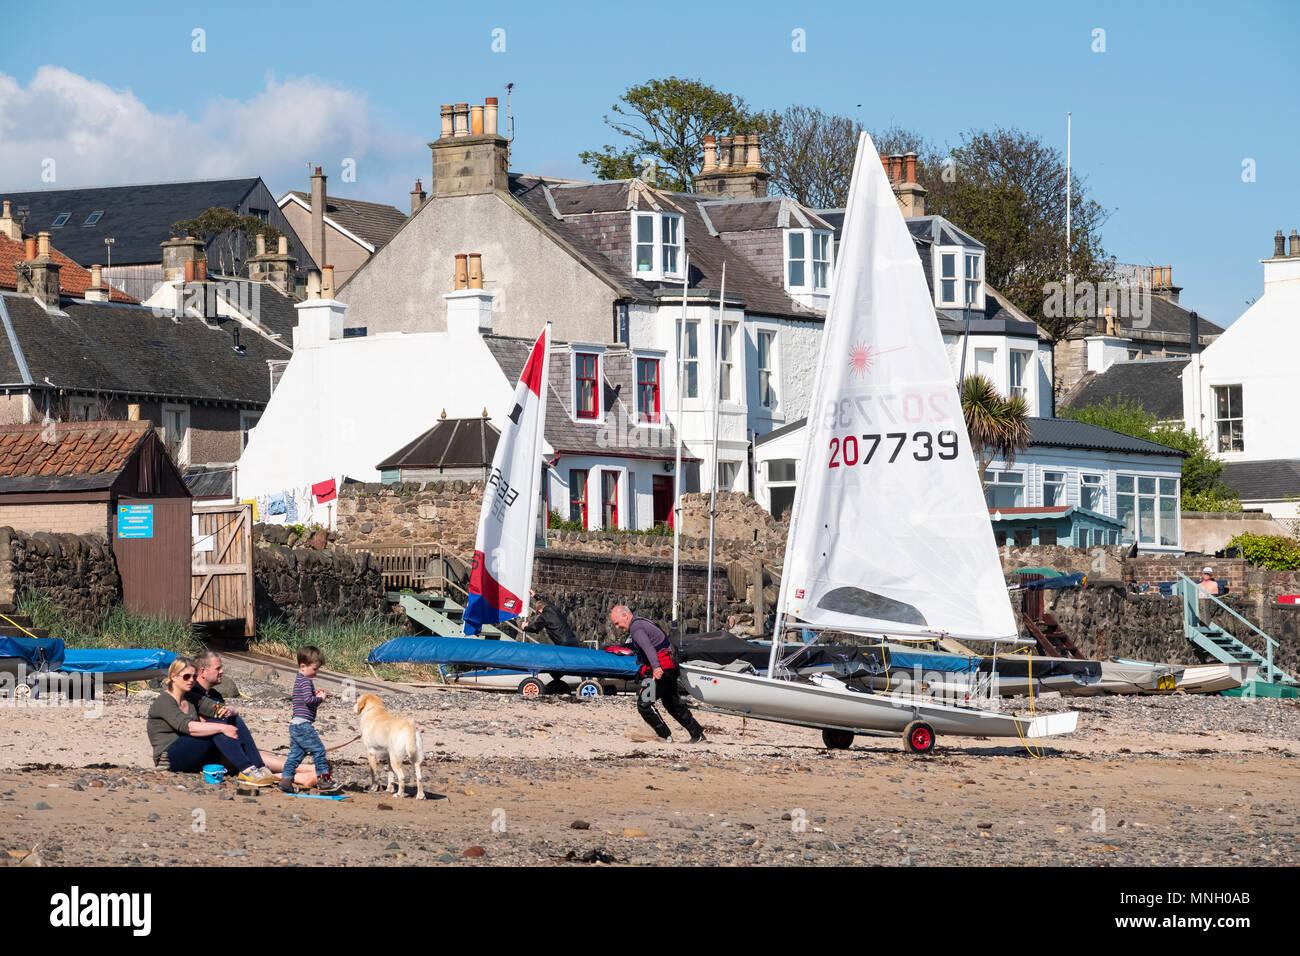 Barche a vela sulla spiaggia a Lower Largo villaggio in Fife, Scozia, Regno Unito Immagini Stock